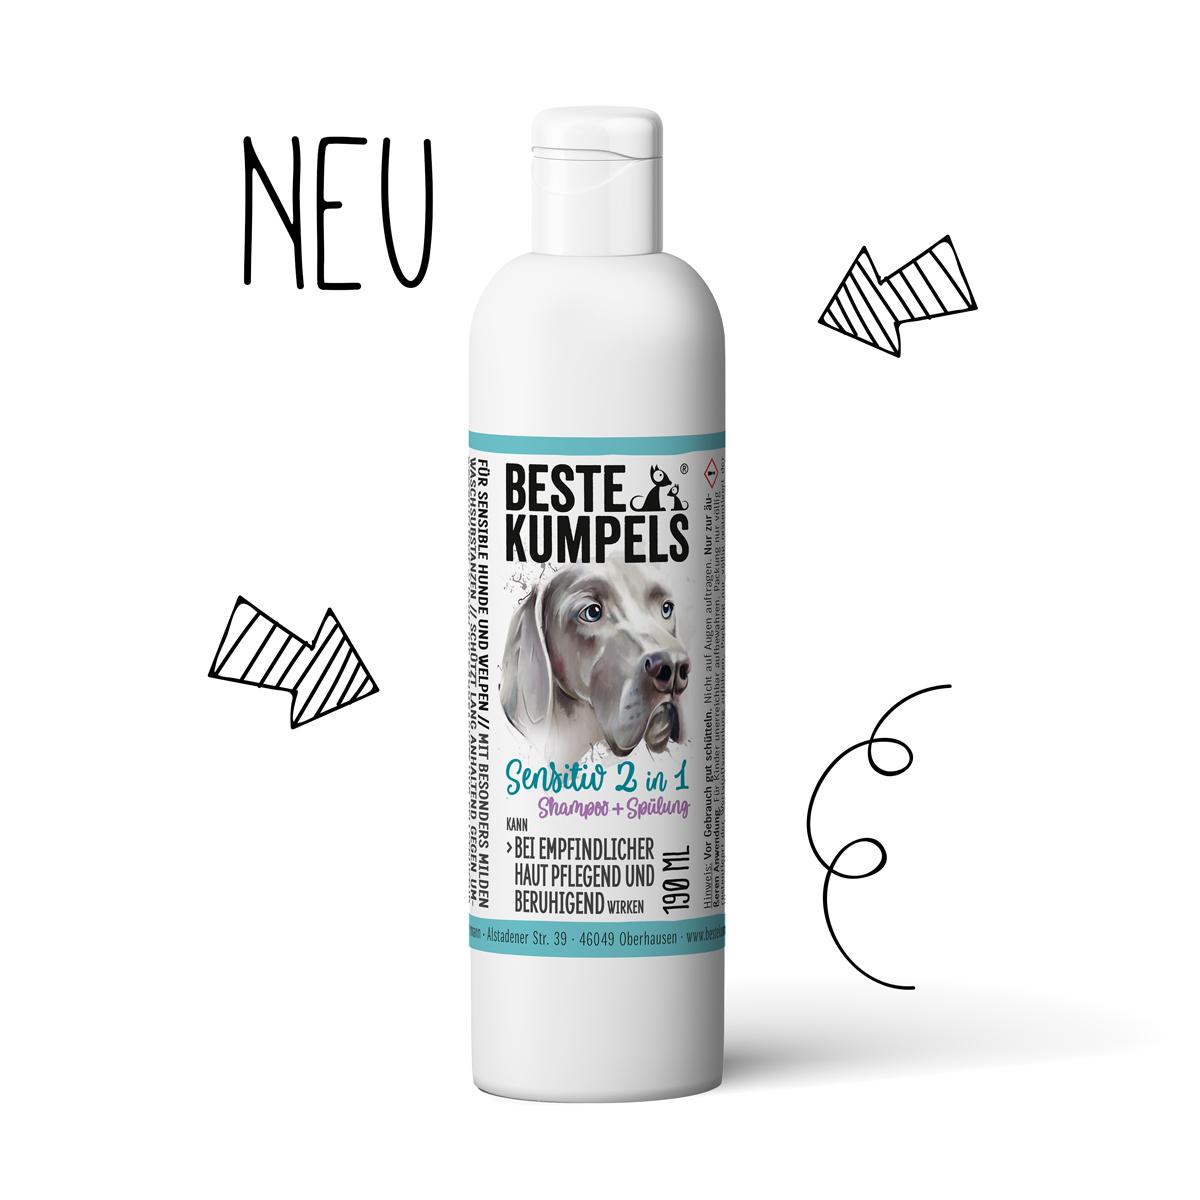 Neu im Shop: 2 in 1 Shampoo und Spülung